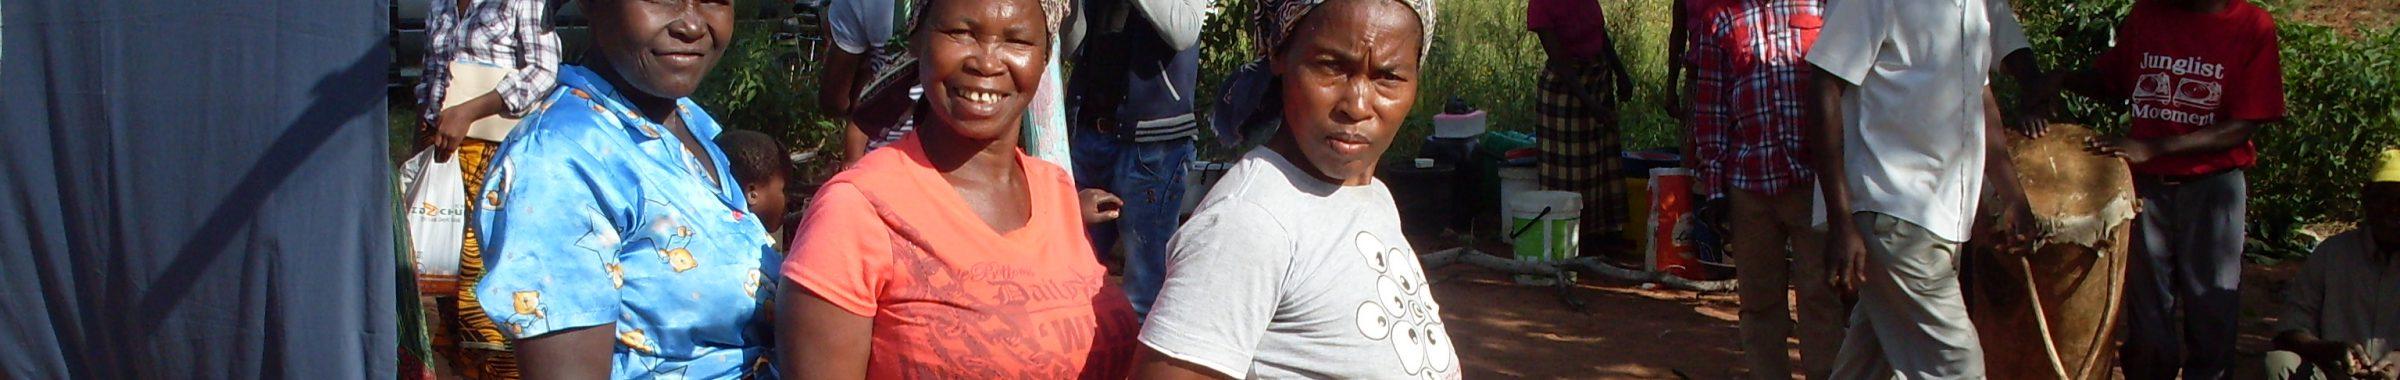 Strijd tegen kindhuwelijken in Mozambique